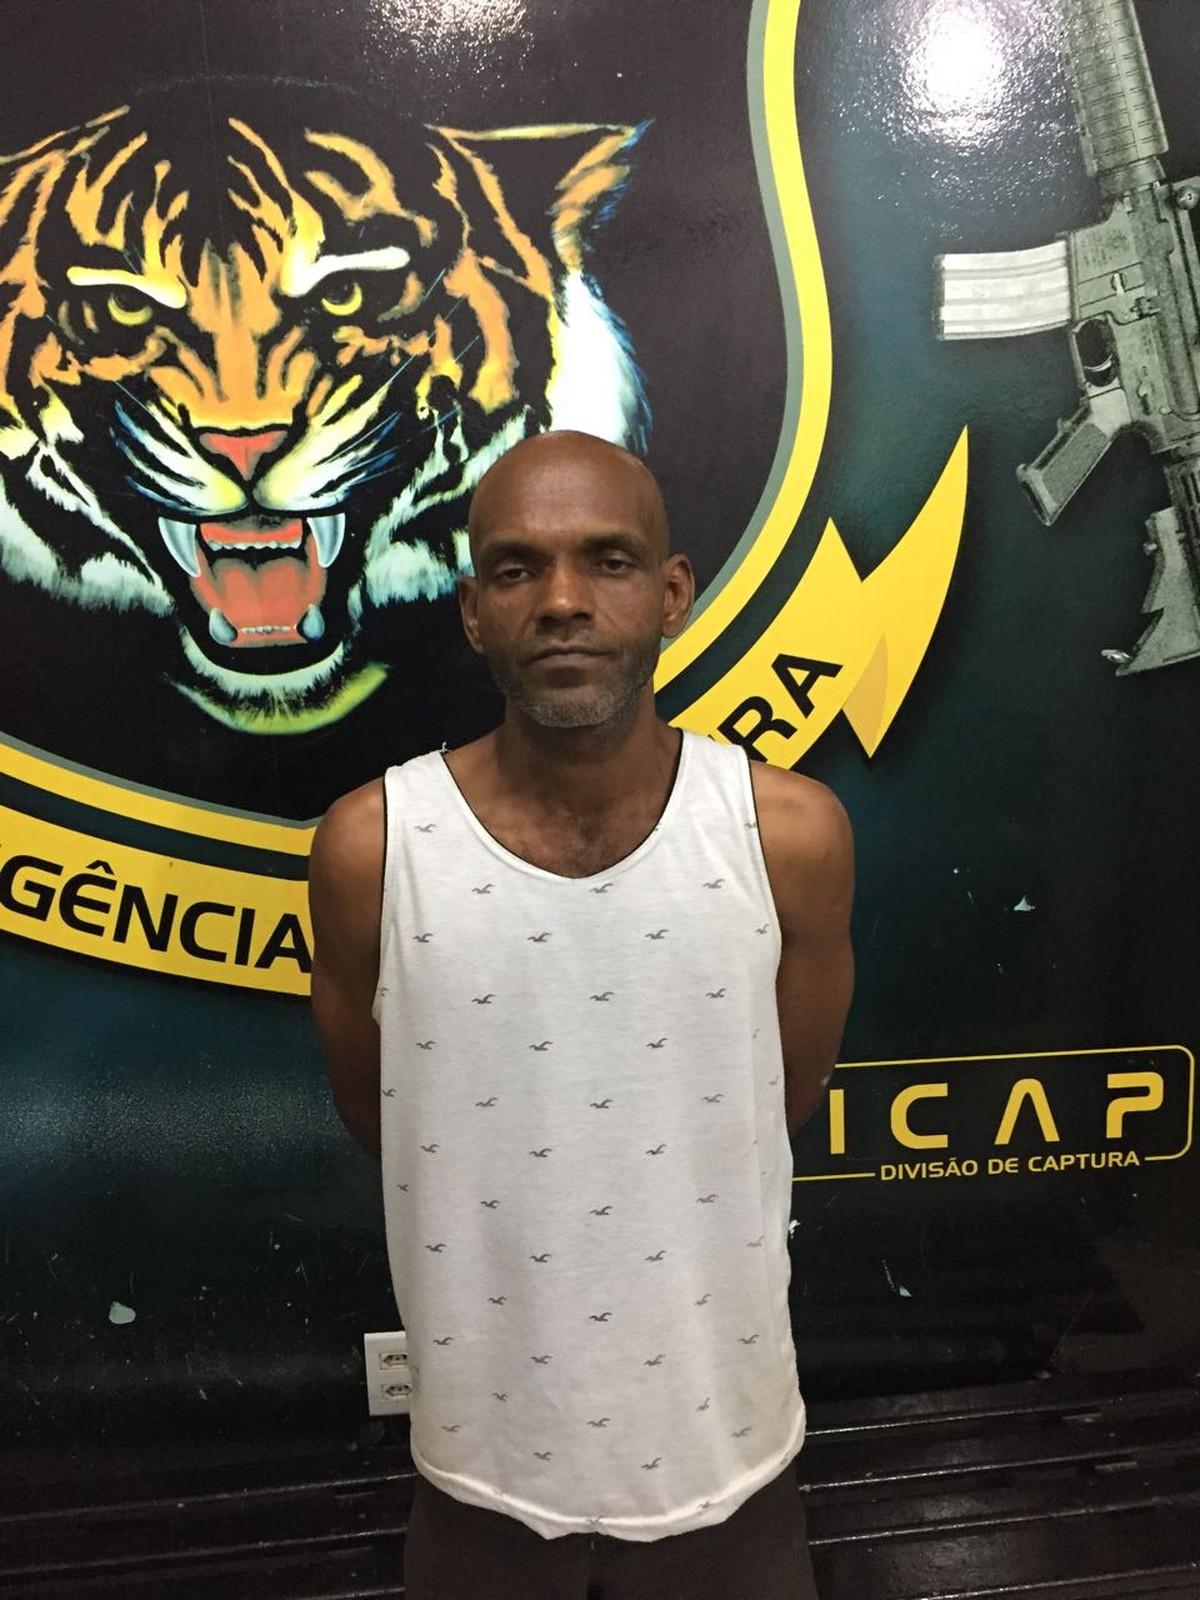 Albergado ligado a grupo criminoso é detido após quebrar prisão domiciliar em Boa Vista